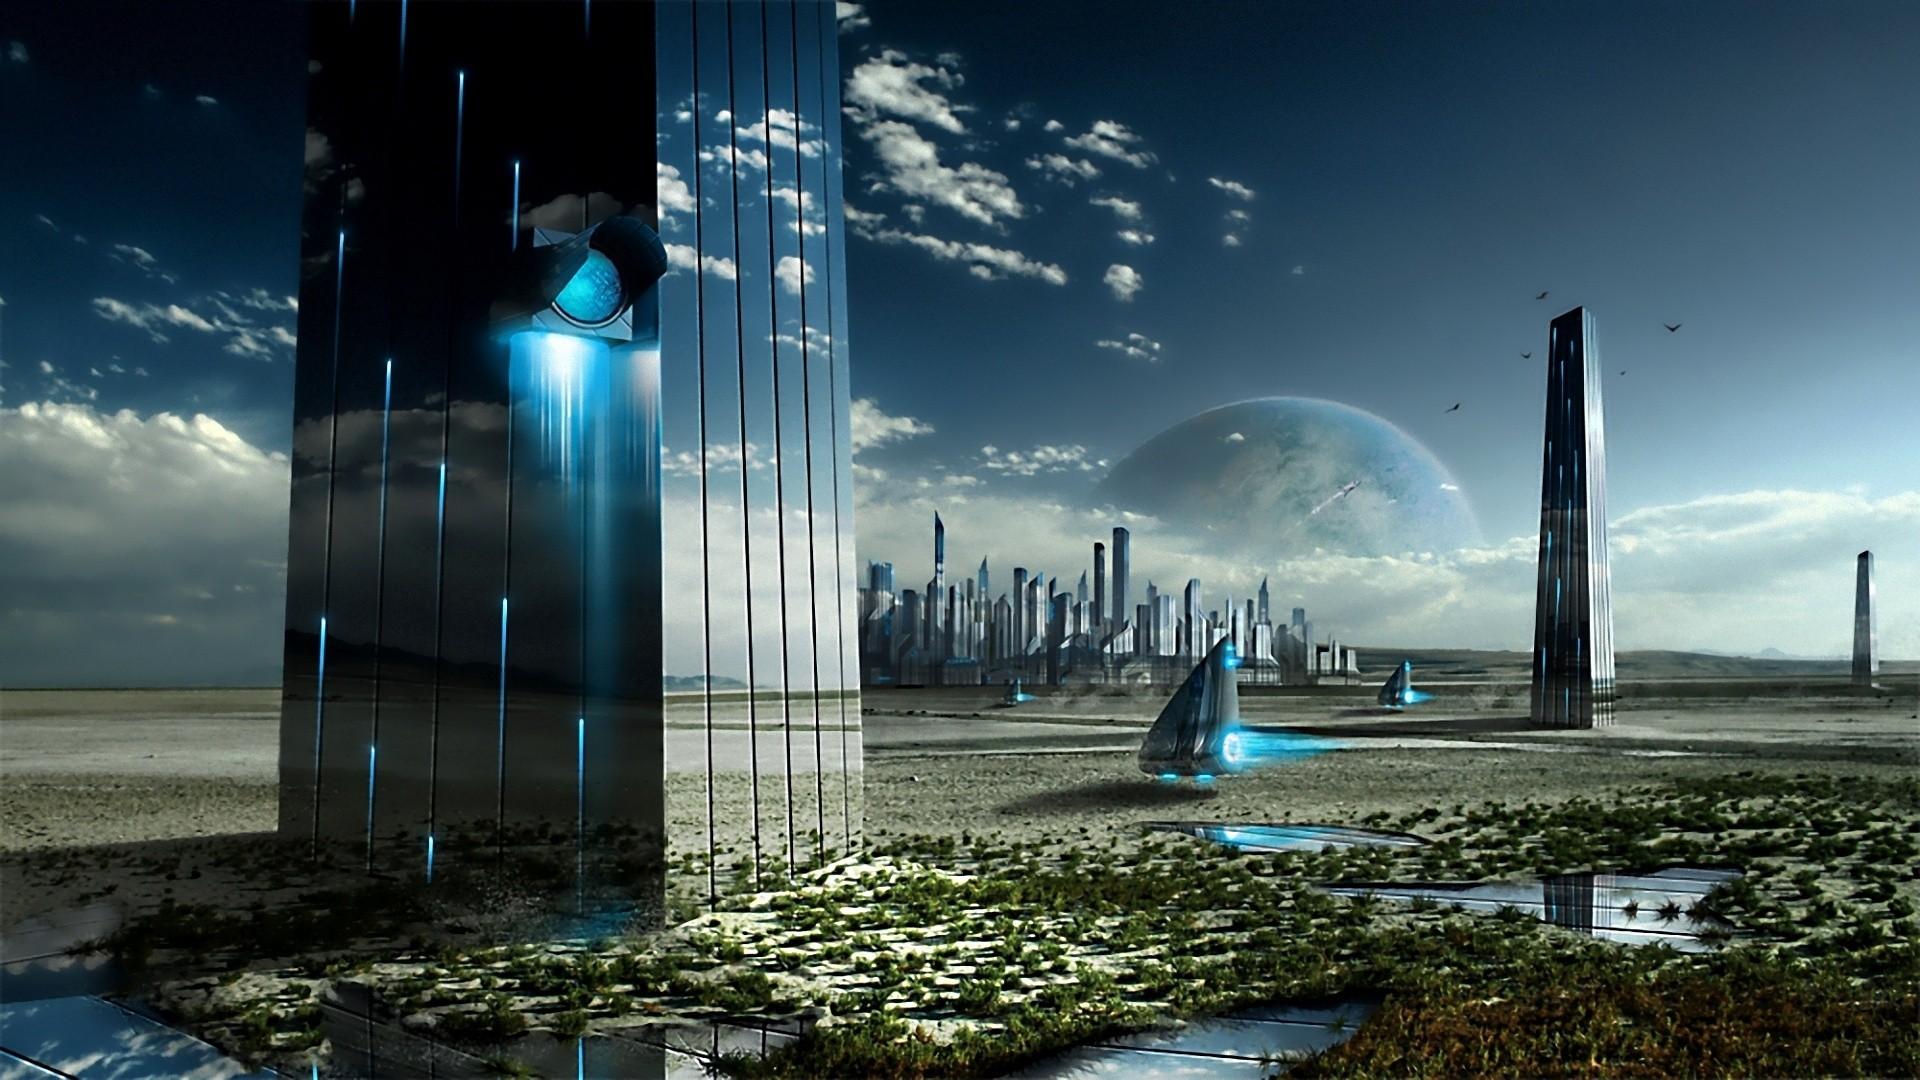 Sci Fi - City  Future Futuristic Wallpaper